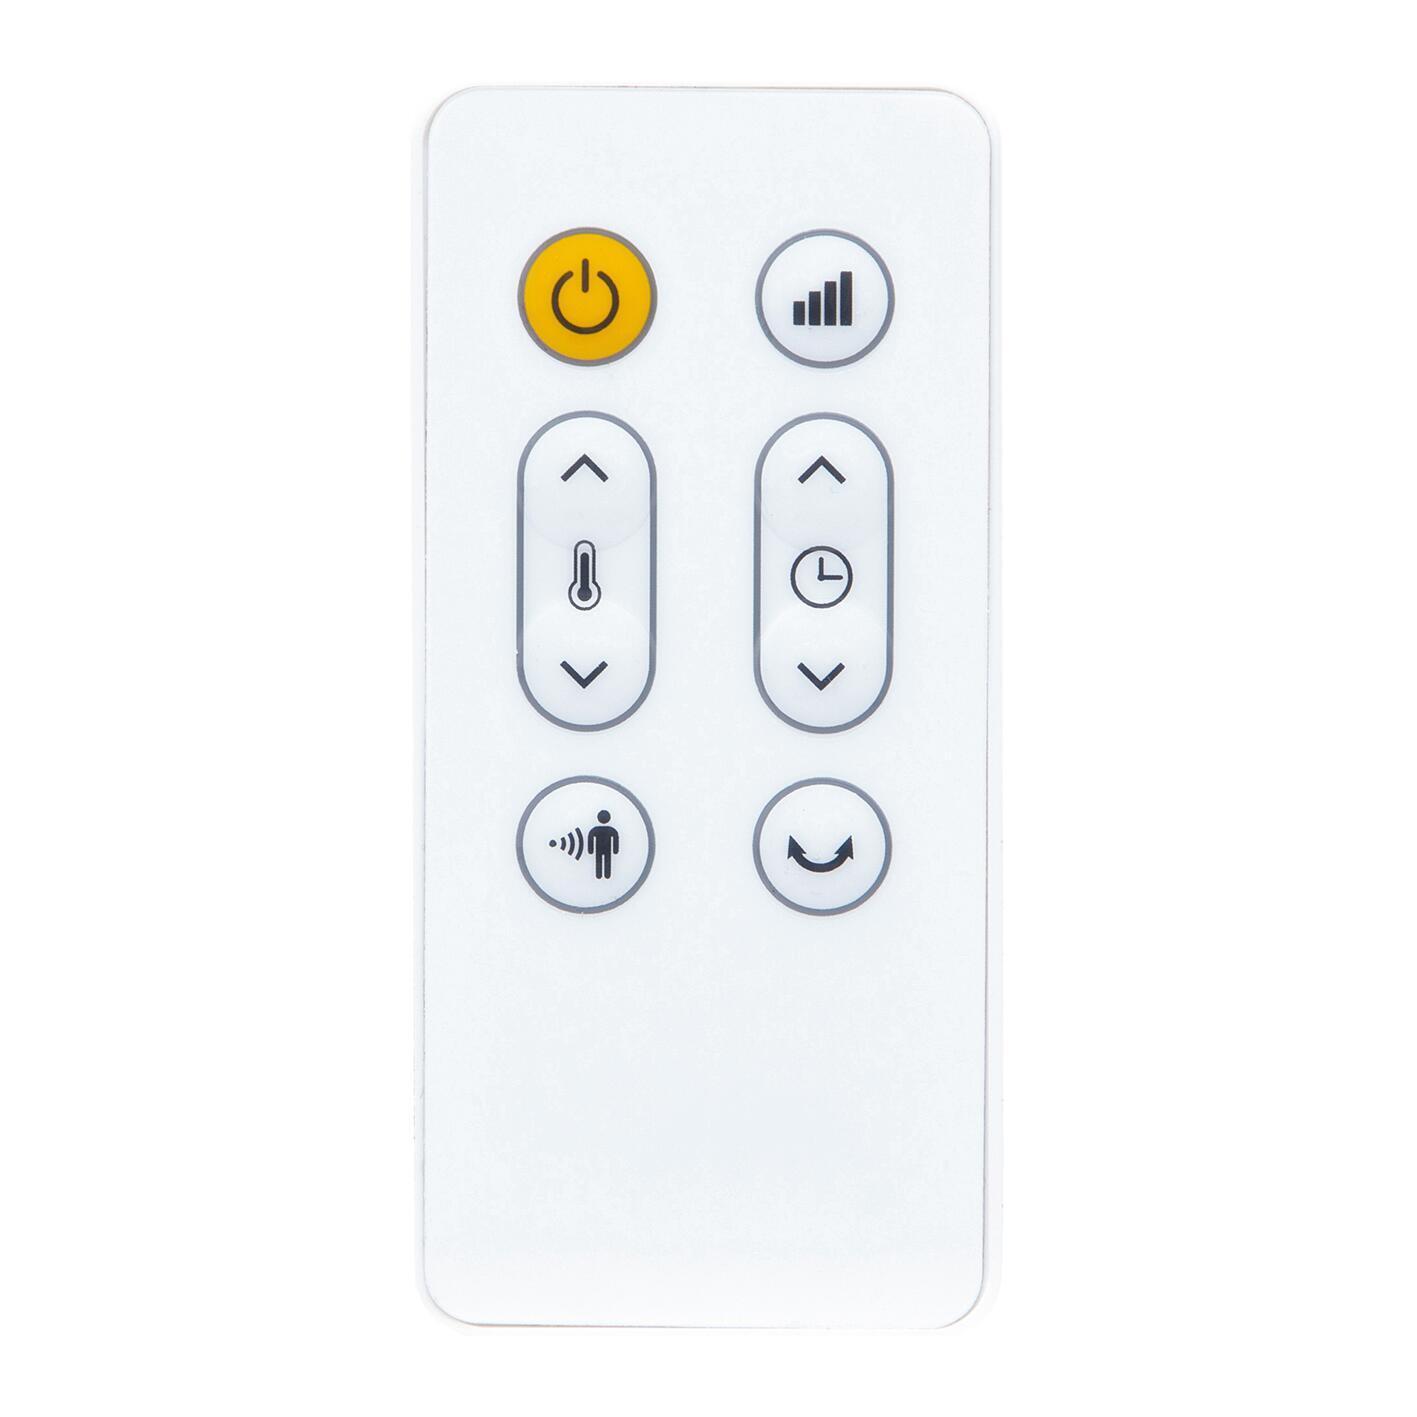 Termoventilatore elettrico EQUATION Presence bianco 2500 W - 7